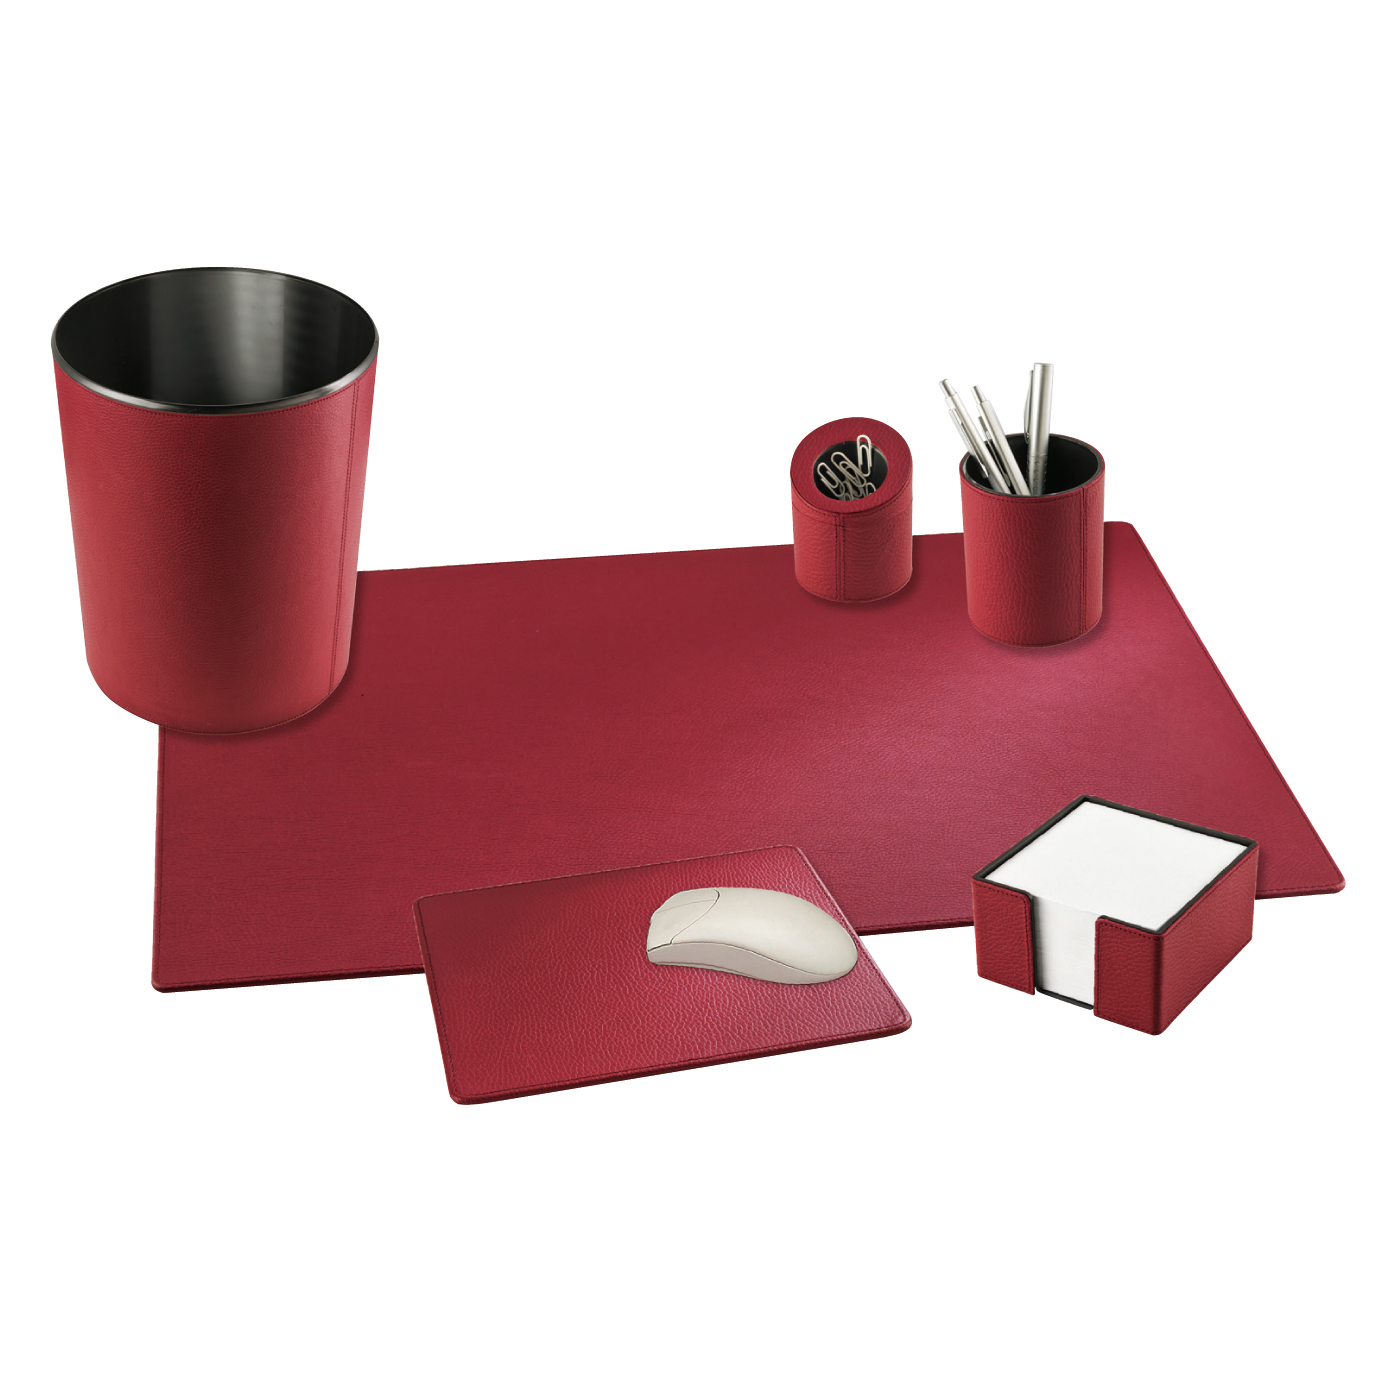 eurostyle schreibtisch accessoires schreibunterlage ideenplusmarken gruppe werbeartikel. Black Bedroom Furniture Sets. Home Design Ideas